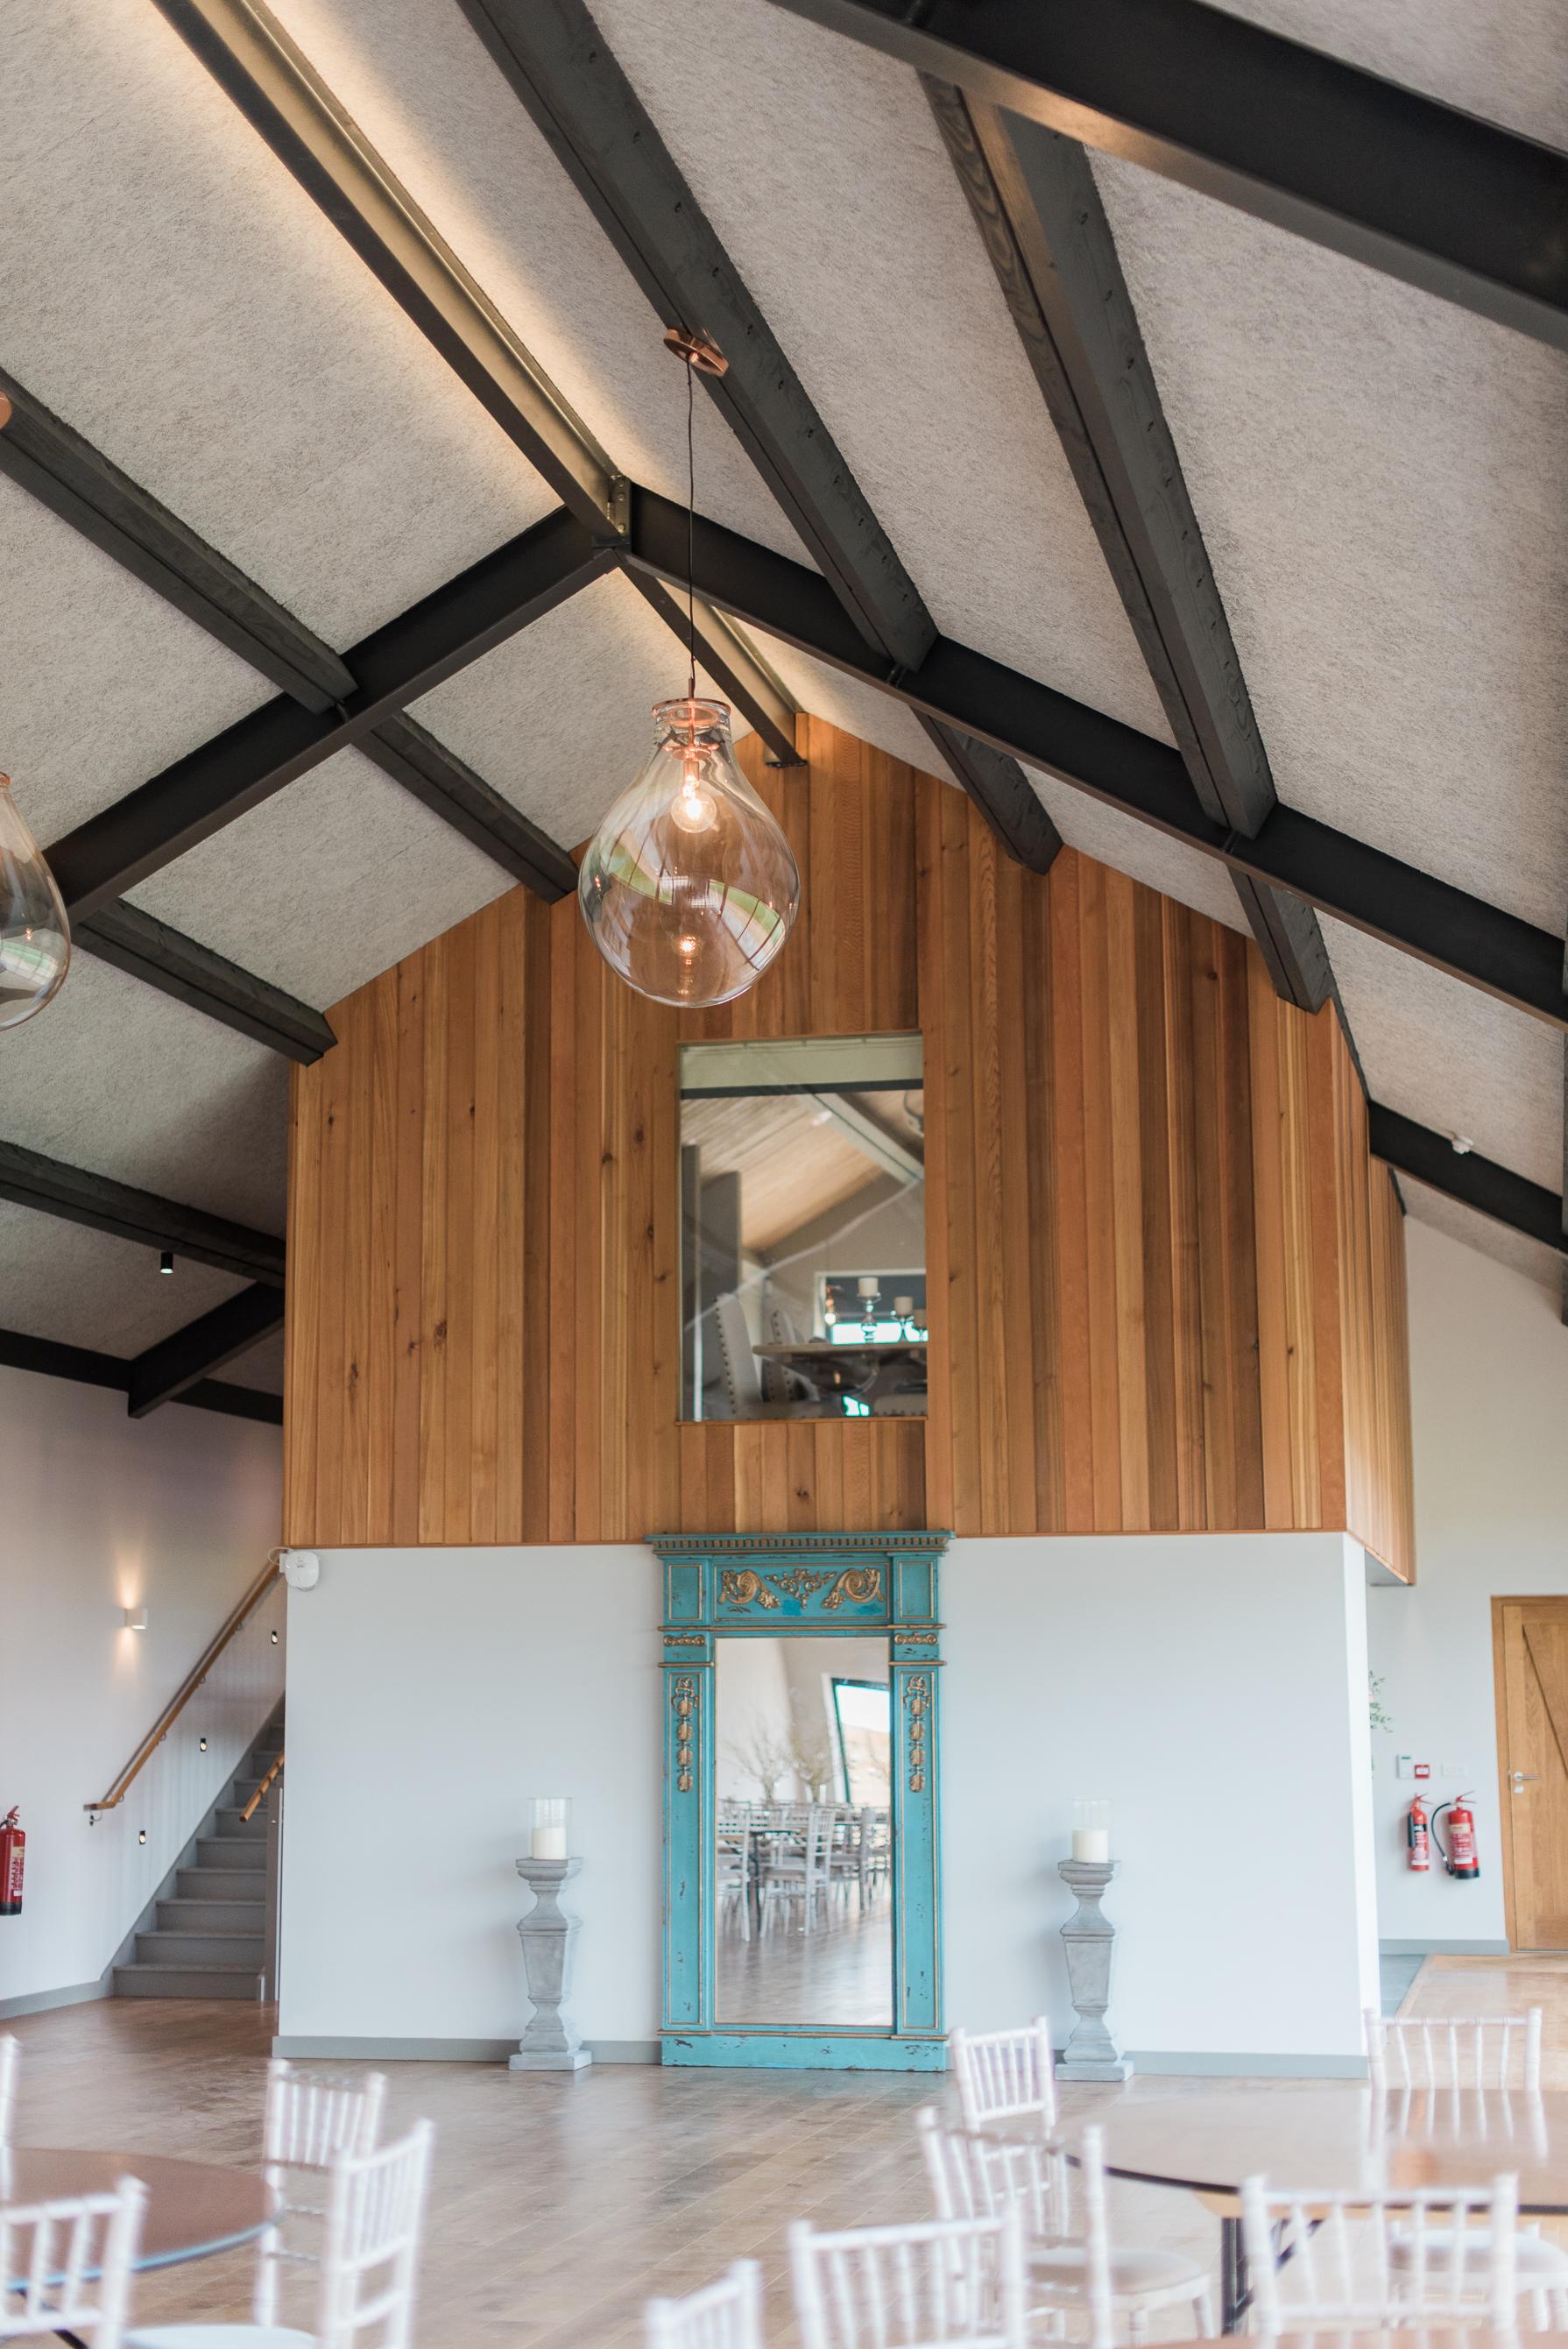 casterley barn interior